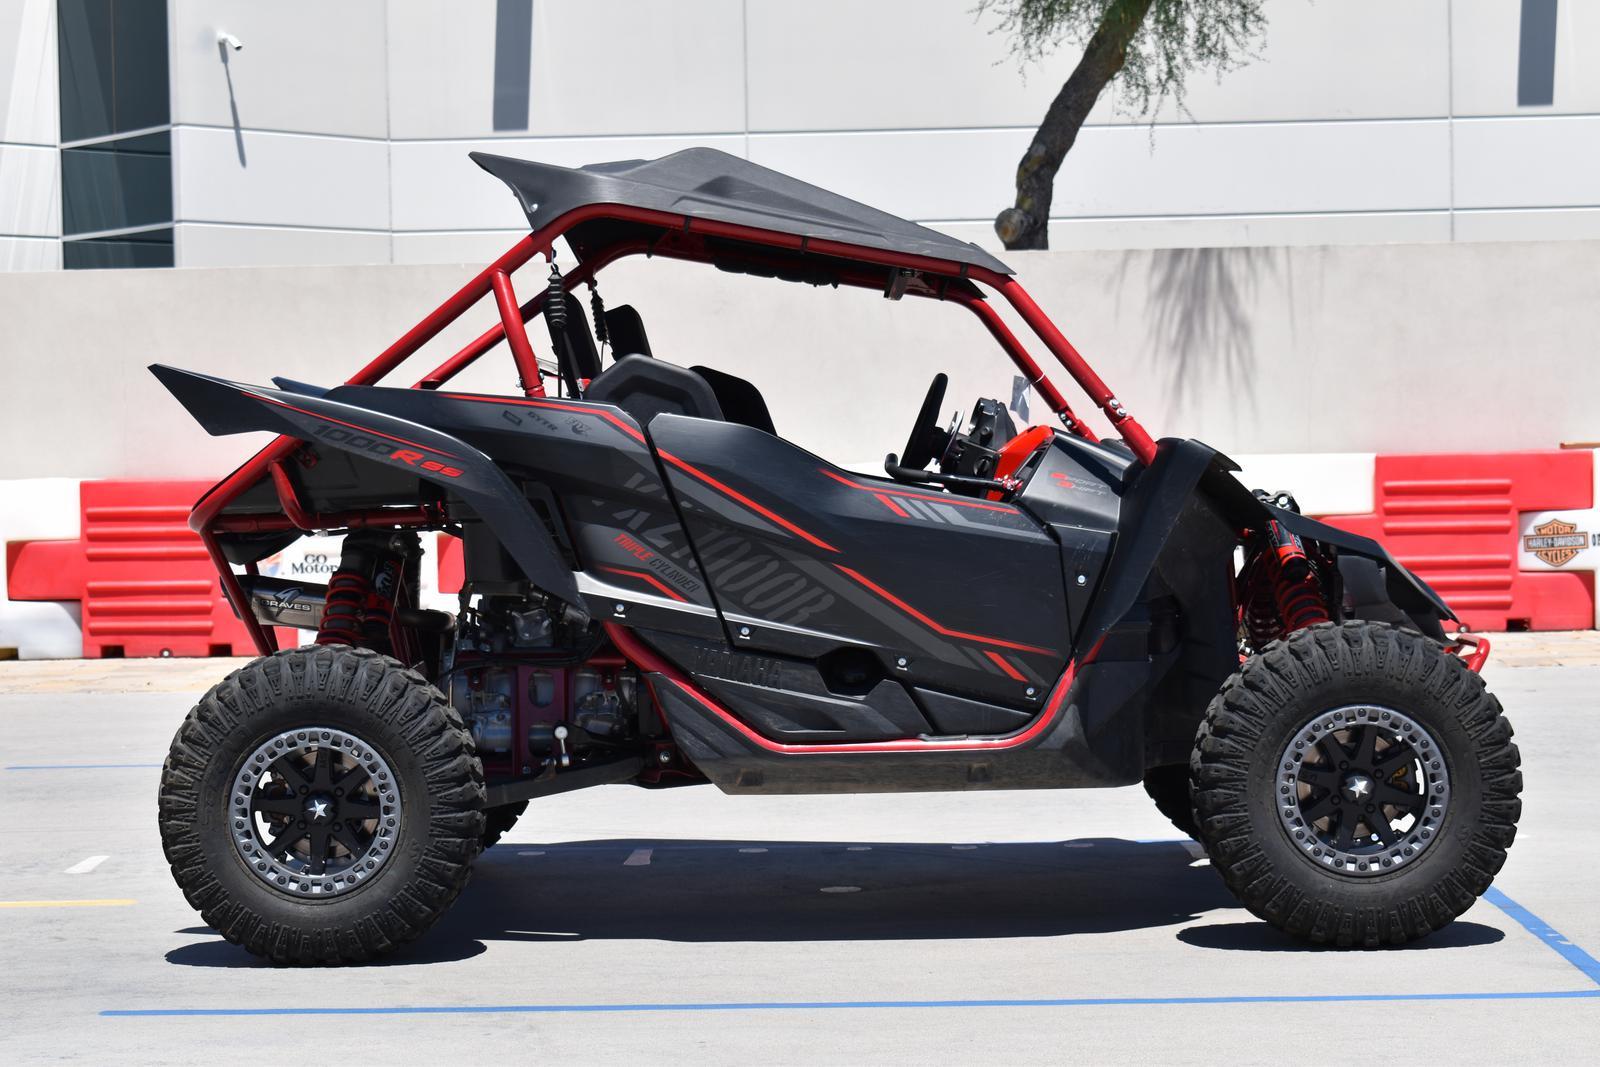 Inventory GO AZ Motorcycles in Scottsdale Scottsdale, AZ